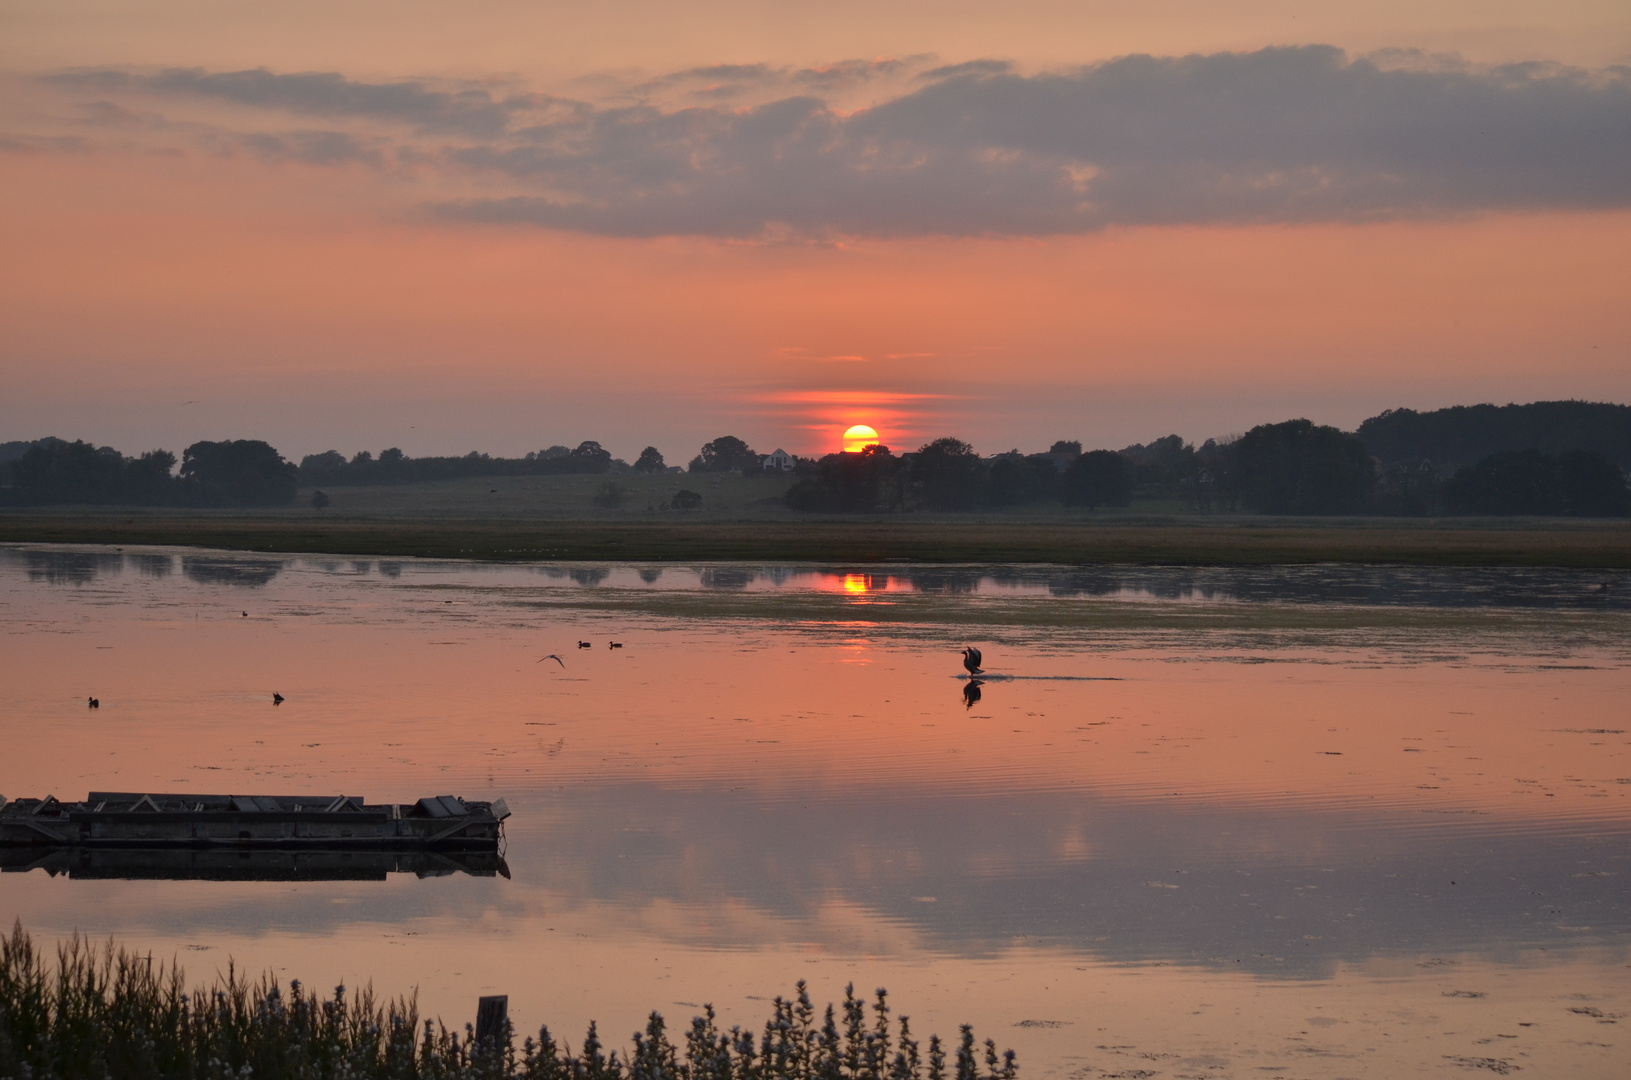 Sonnenuntergang im Naturschutzgebiet 2